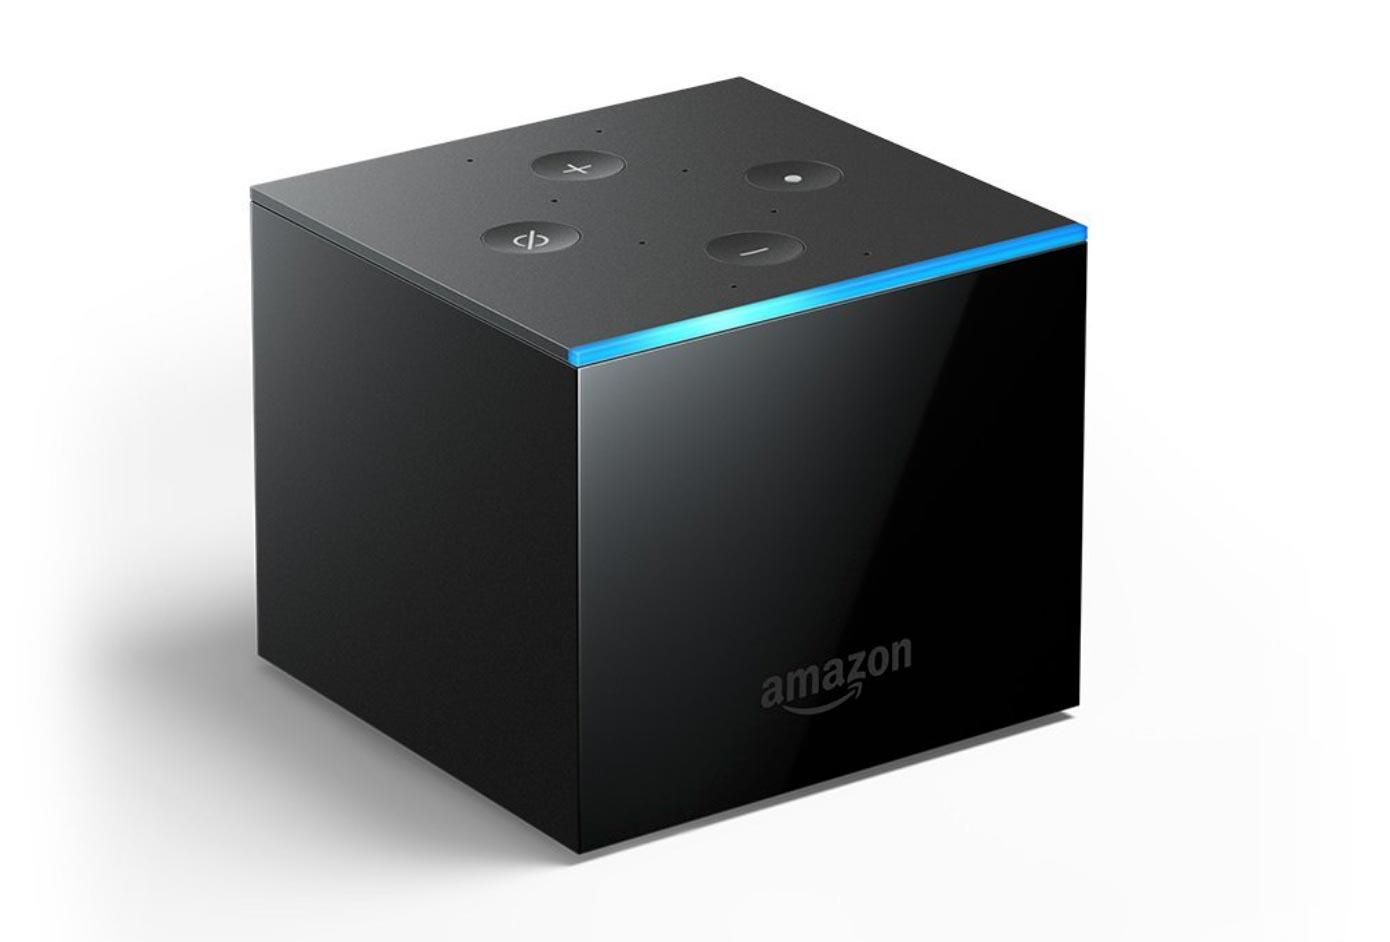 米Amazon、「Amazon Fire TV Cube」を発表 ー Alexa搭載ハンズフリーストリーミングメディアプレーヤー